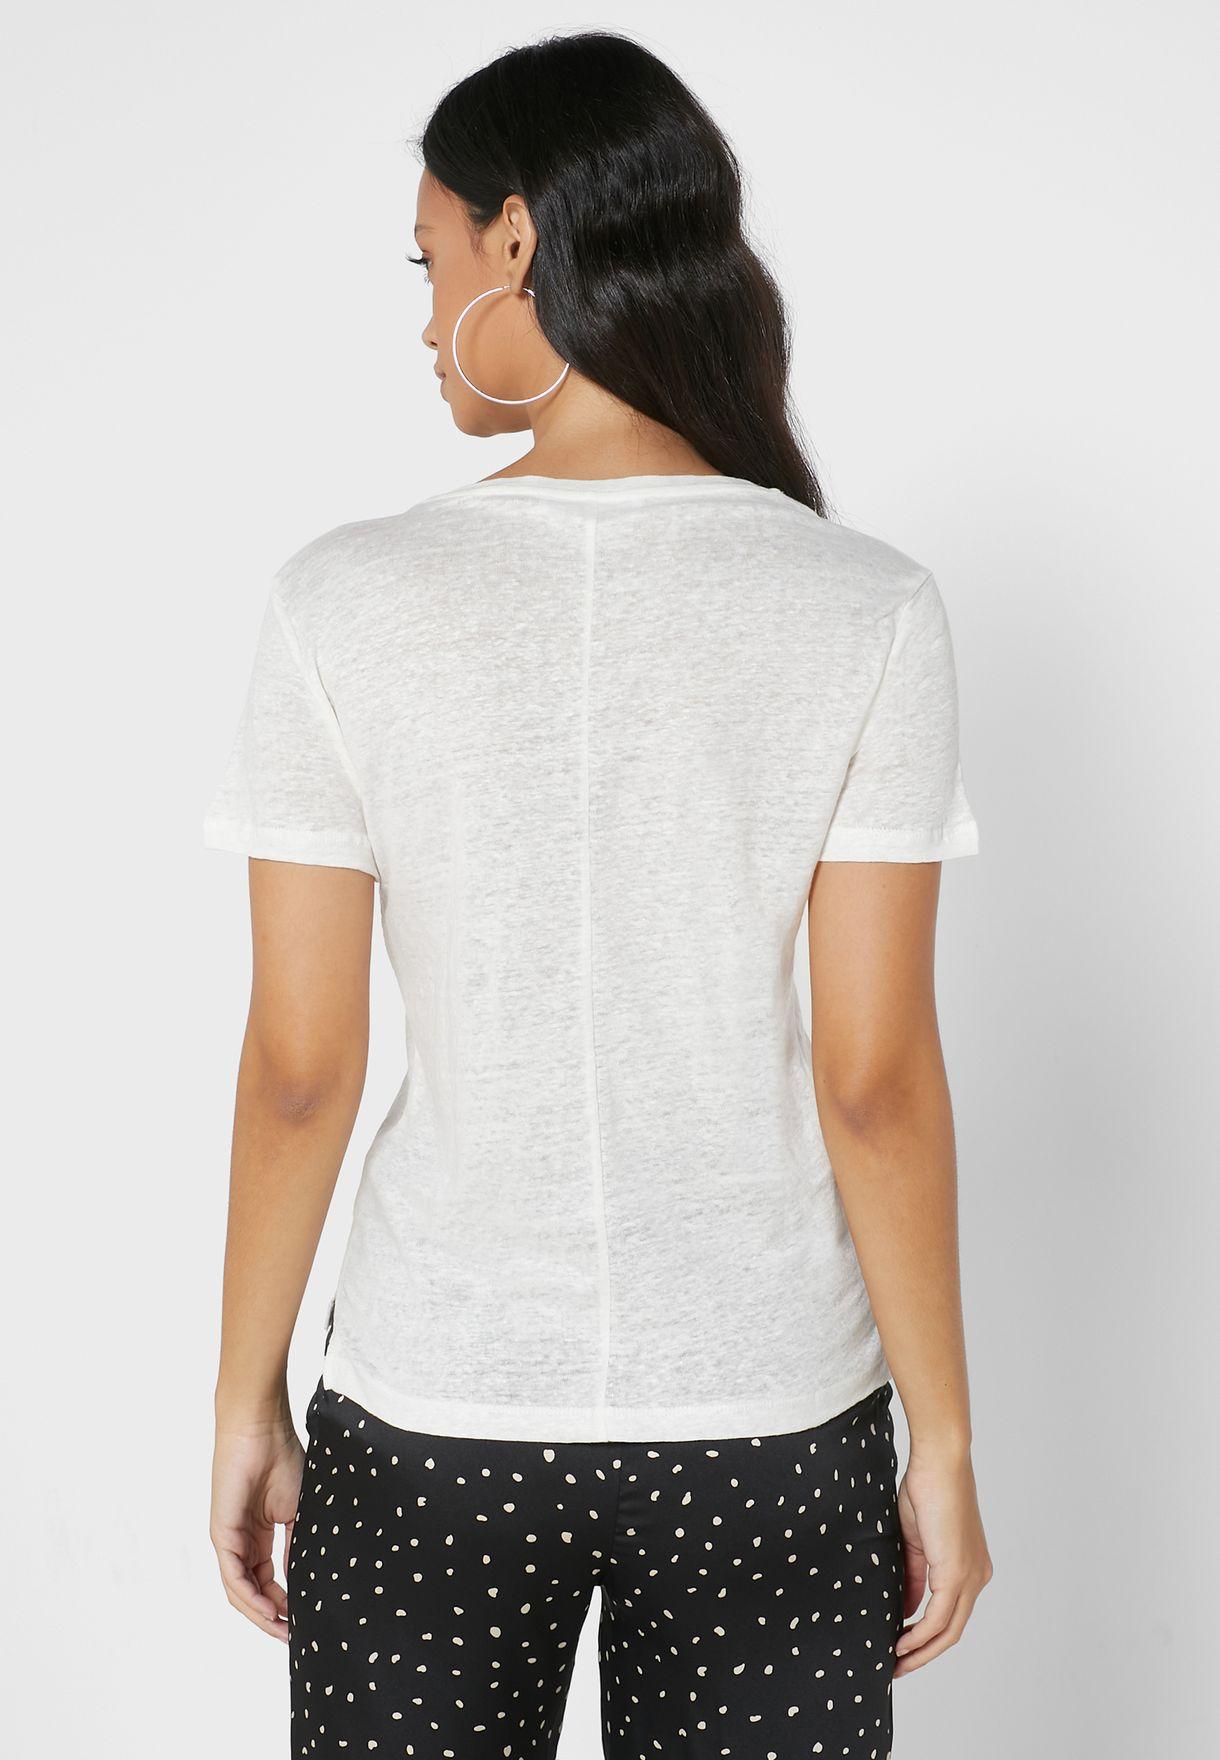 V-Neck Spacedye T-Shirt